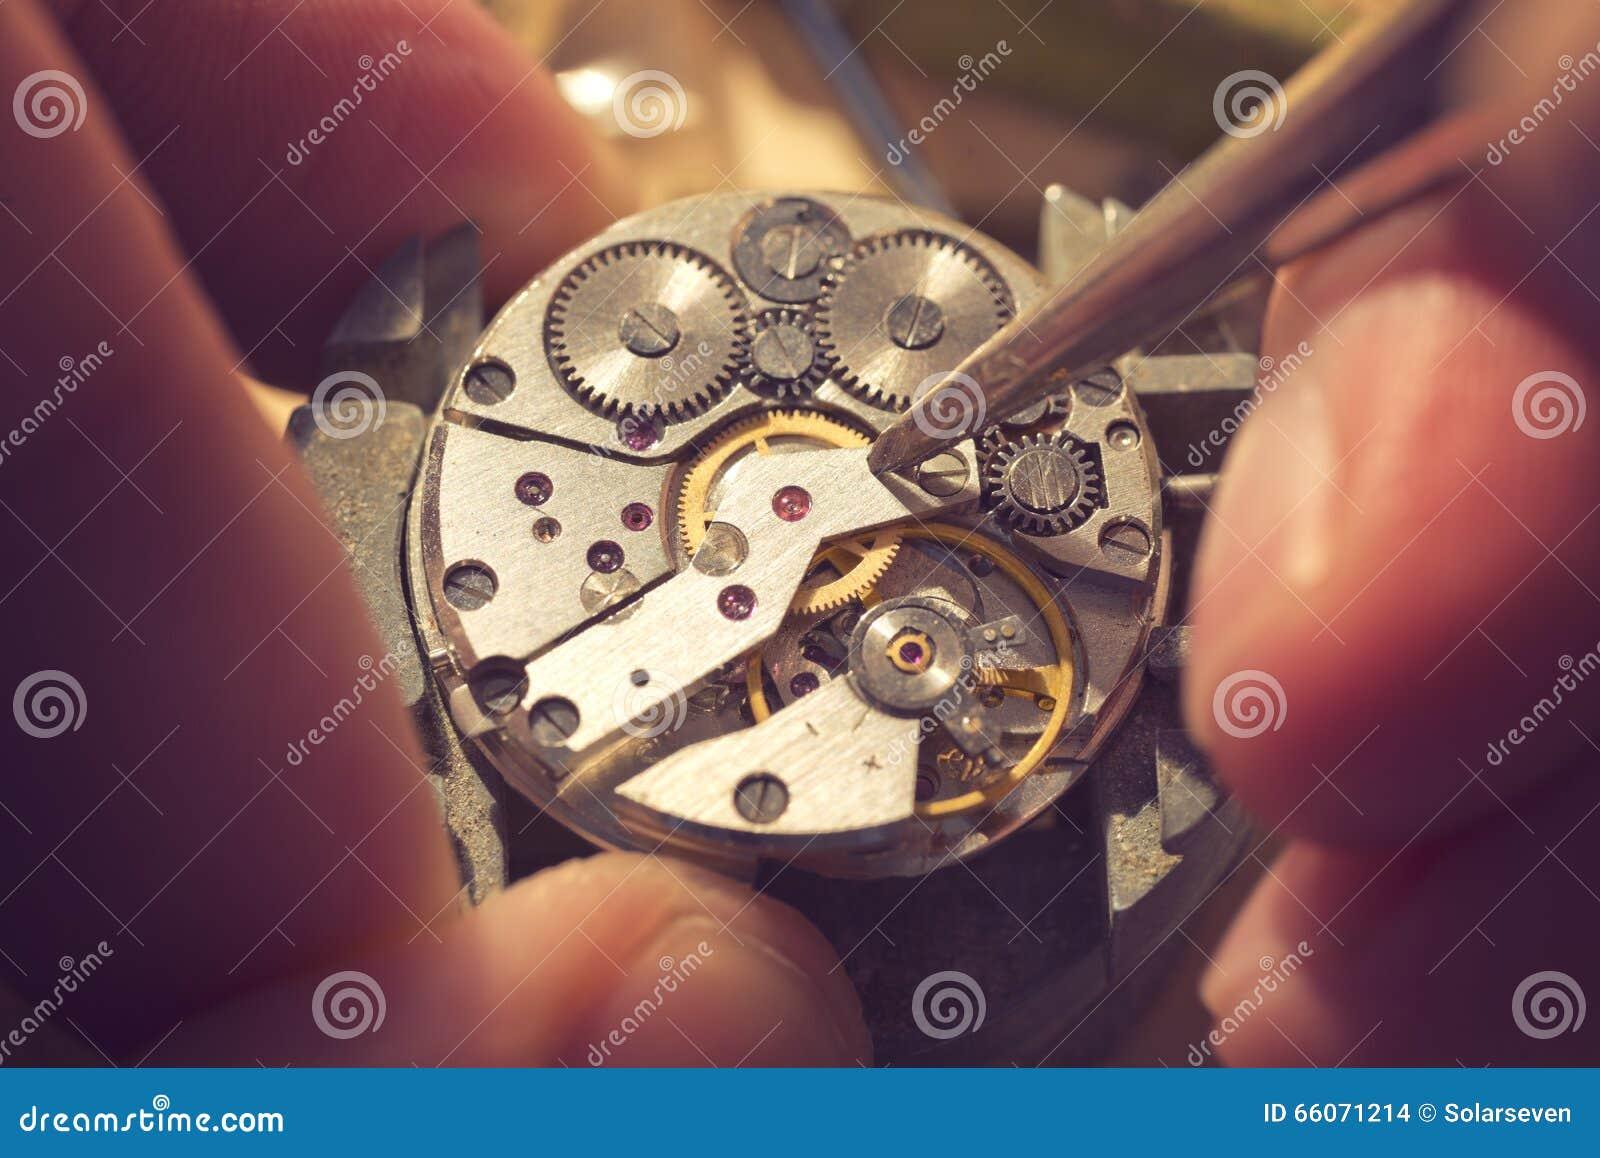 Εργασία σε ένα μηχανικό ρολόι